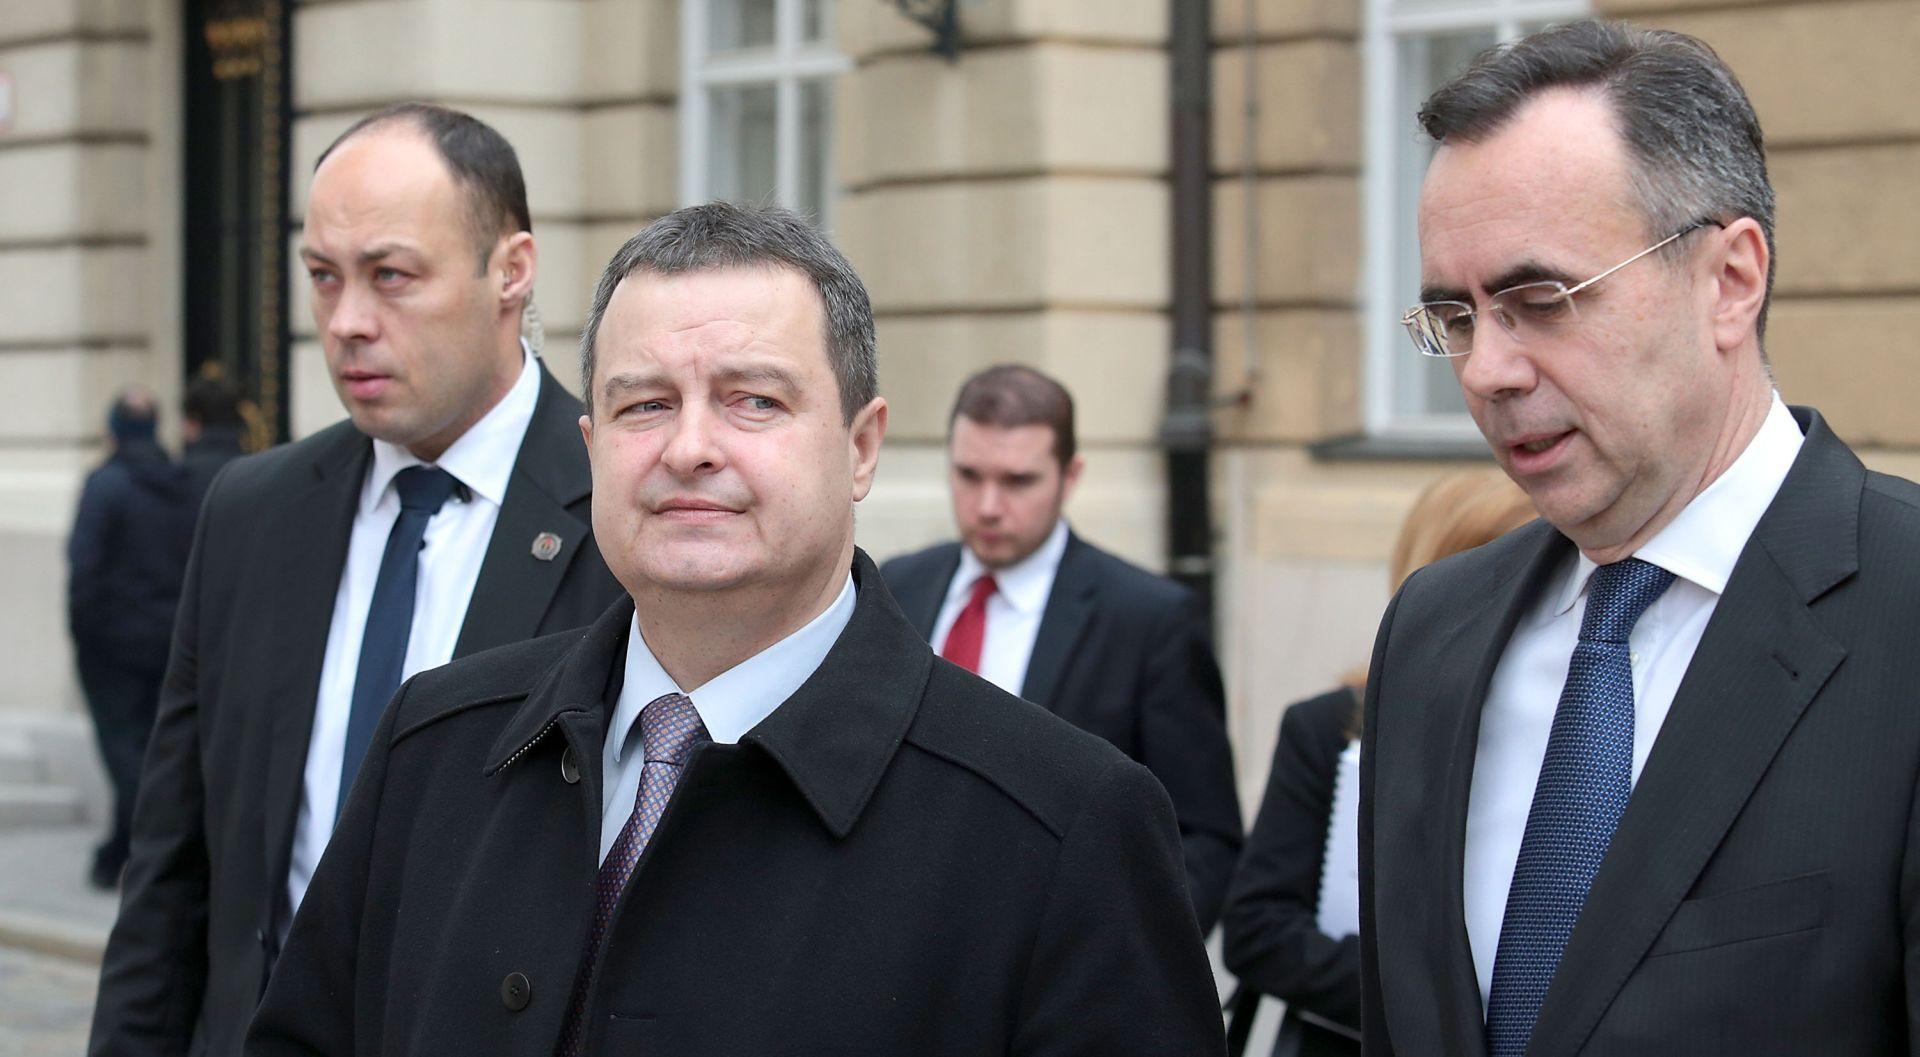 OKRUGLI STOL Srbija treba Hrvatsku kao saveznika na putu eurointegracija